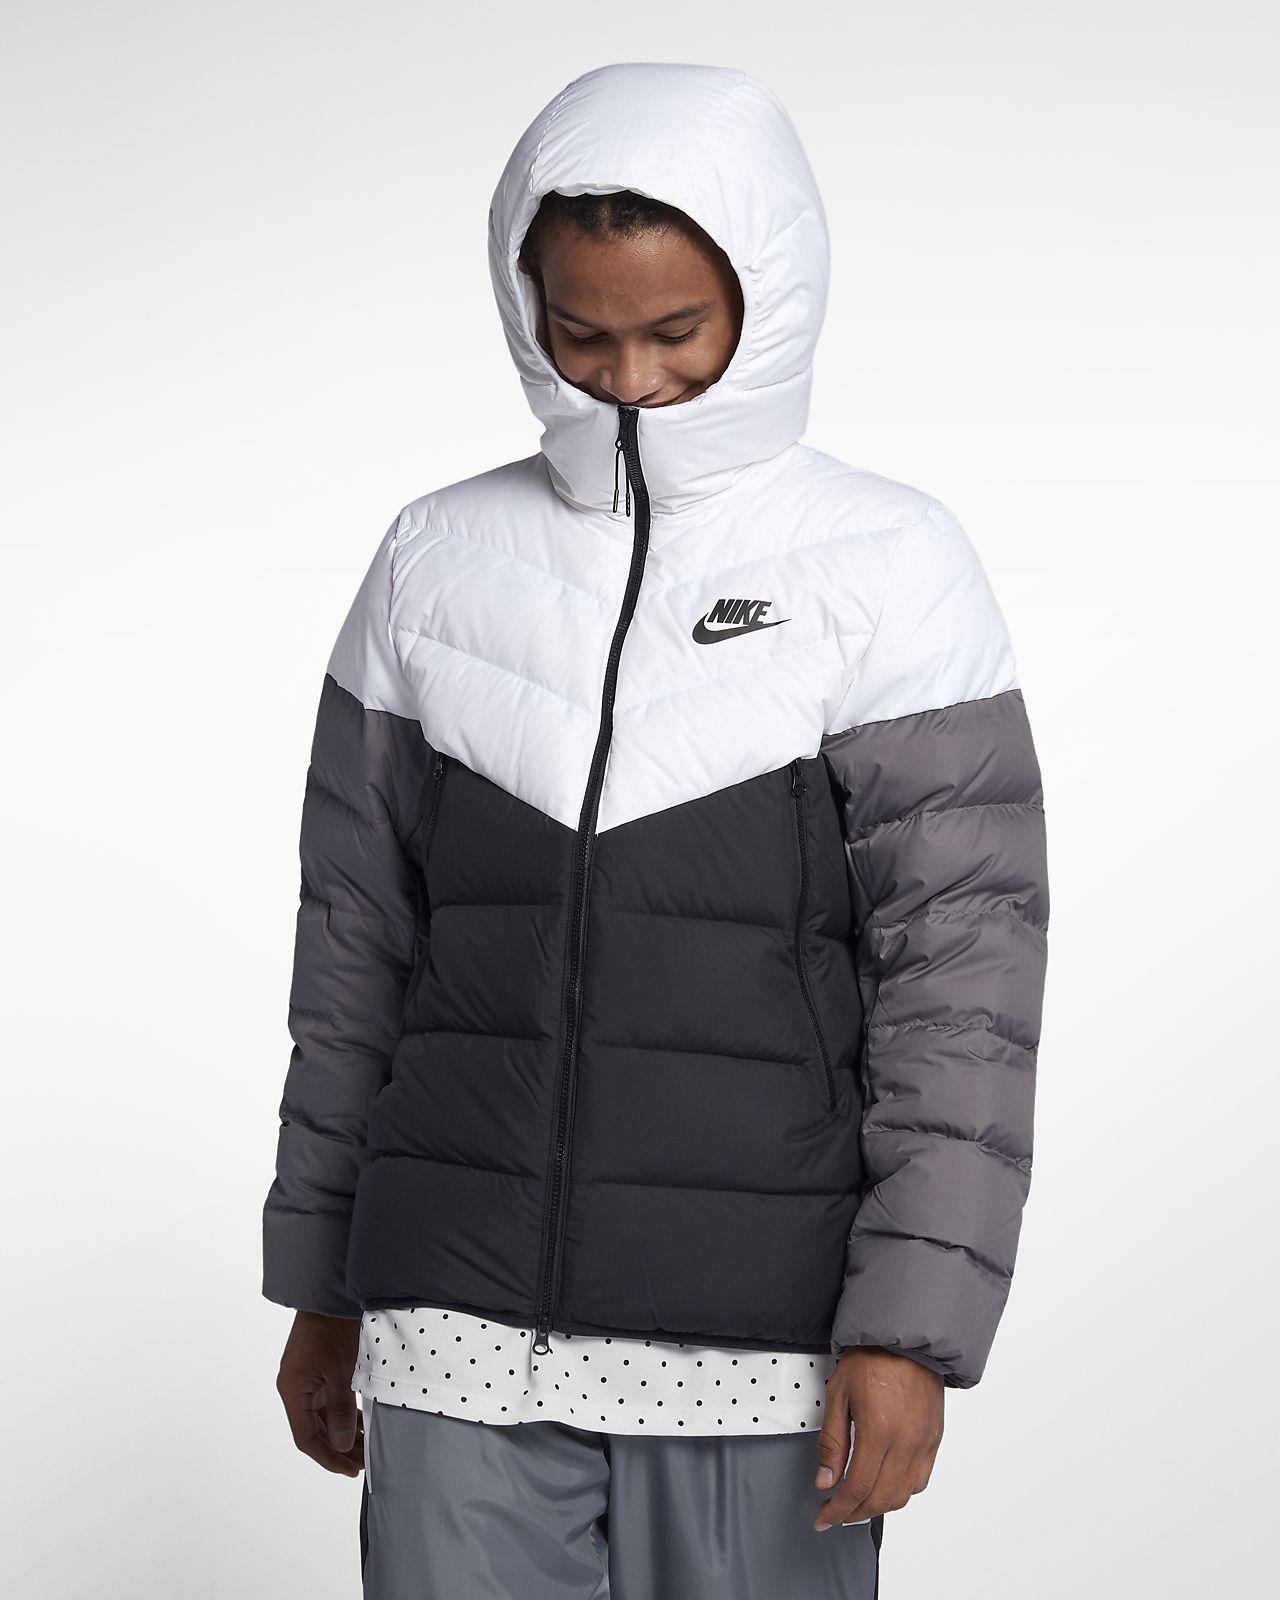 Nike Sportswear Windrunner Down Fill Hooded Puffer Jacket Nike Com Puffer Jackets Jackets Nike Sportswear [ 1600 x 1280 Pixel ]